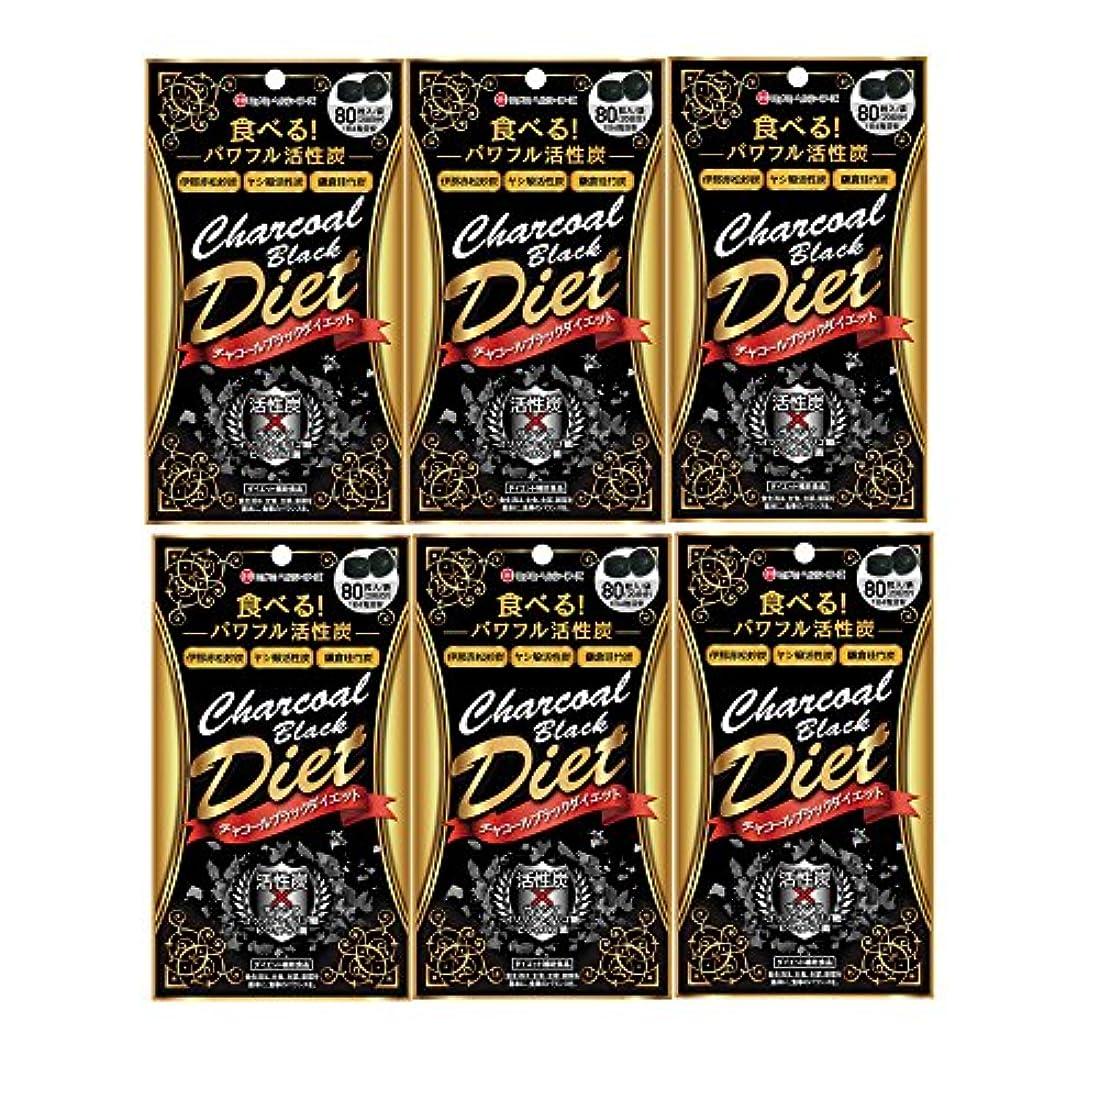 誰も充電ラウンジ【6個セット】ミナミヘルシーフーズ チャコールブラックダイエット 80粒入